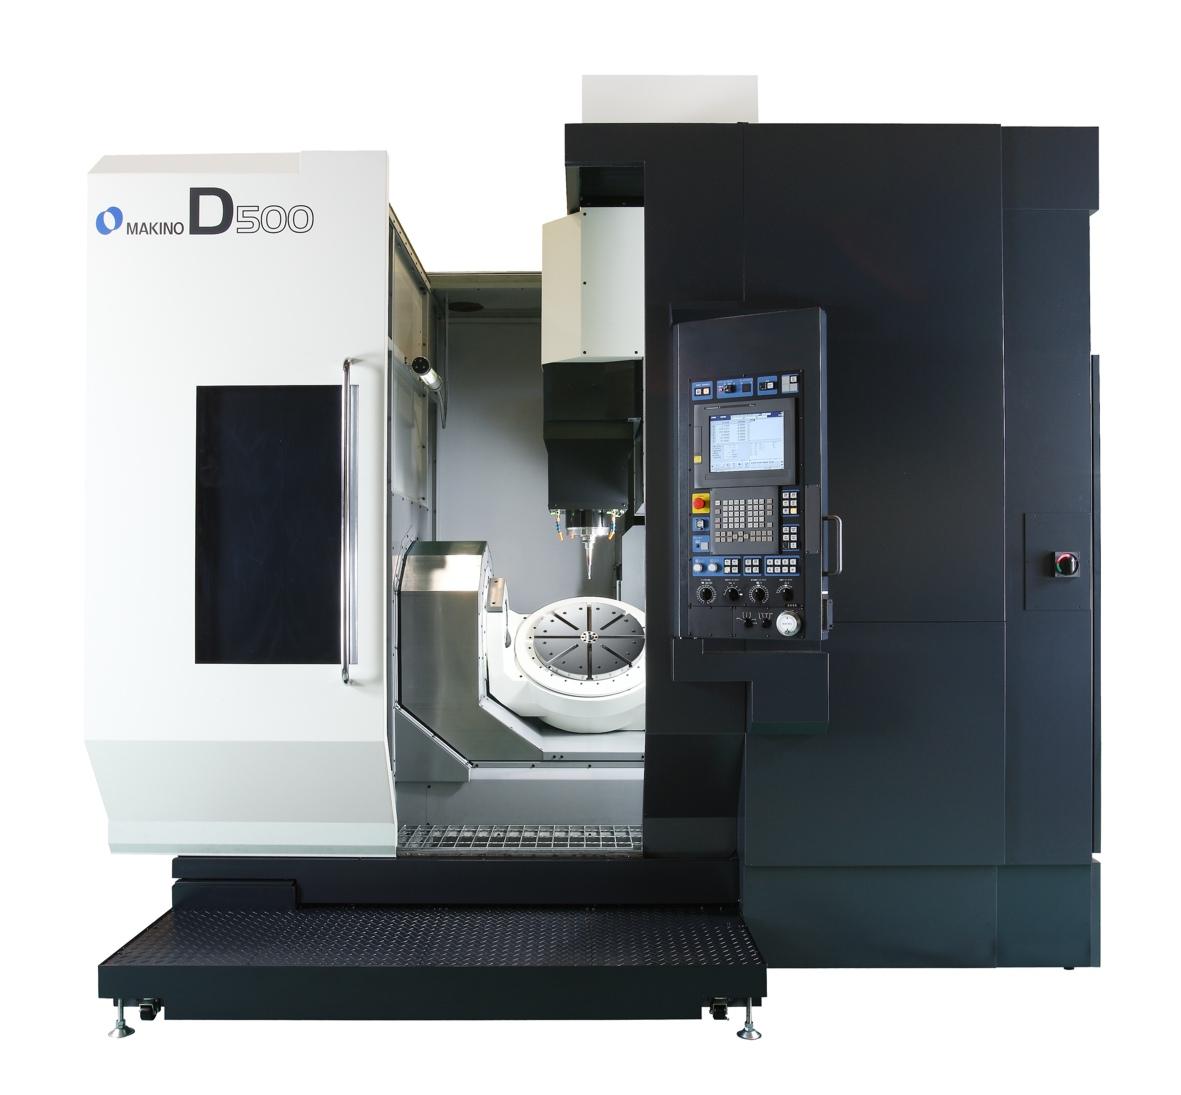 D500-3.jpg